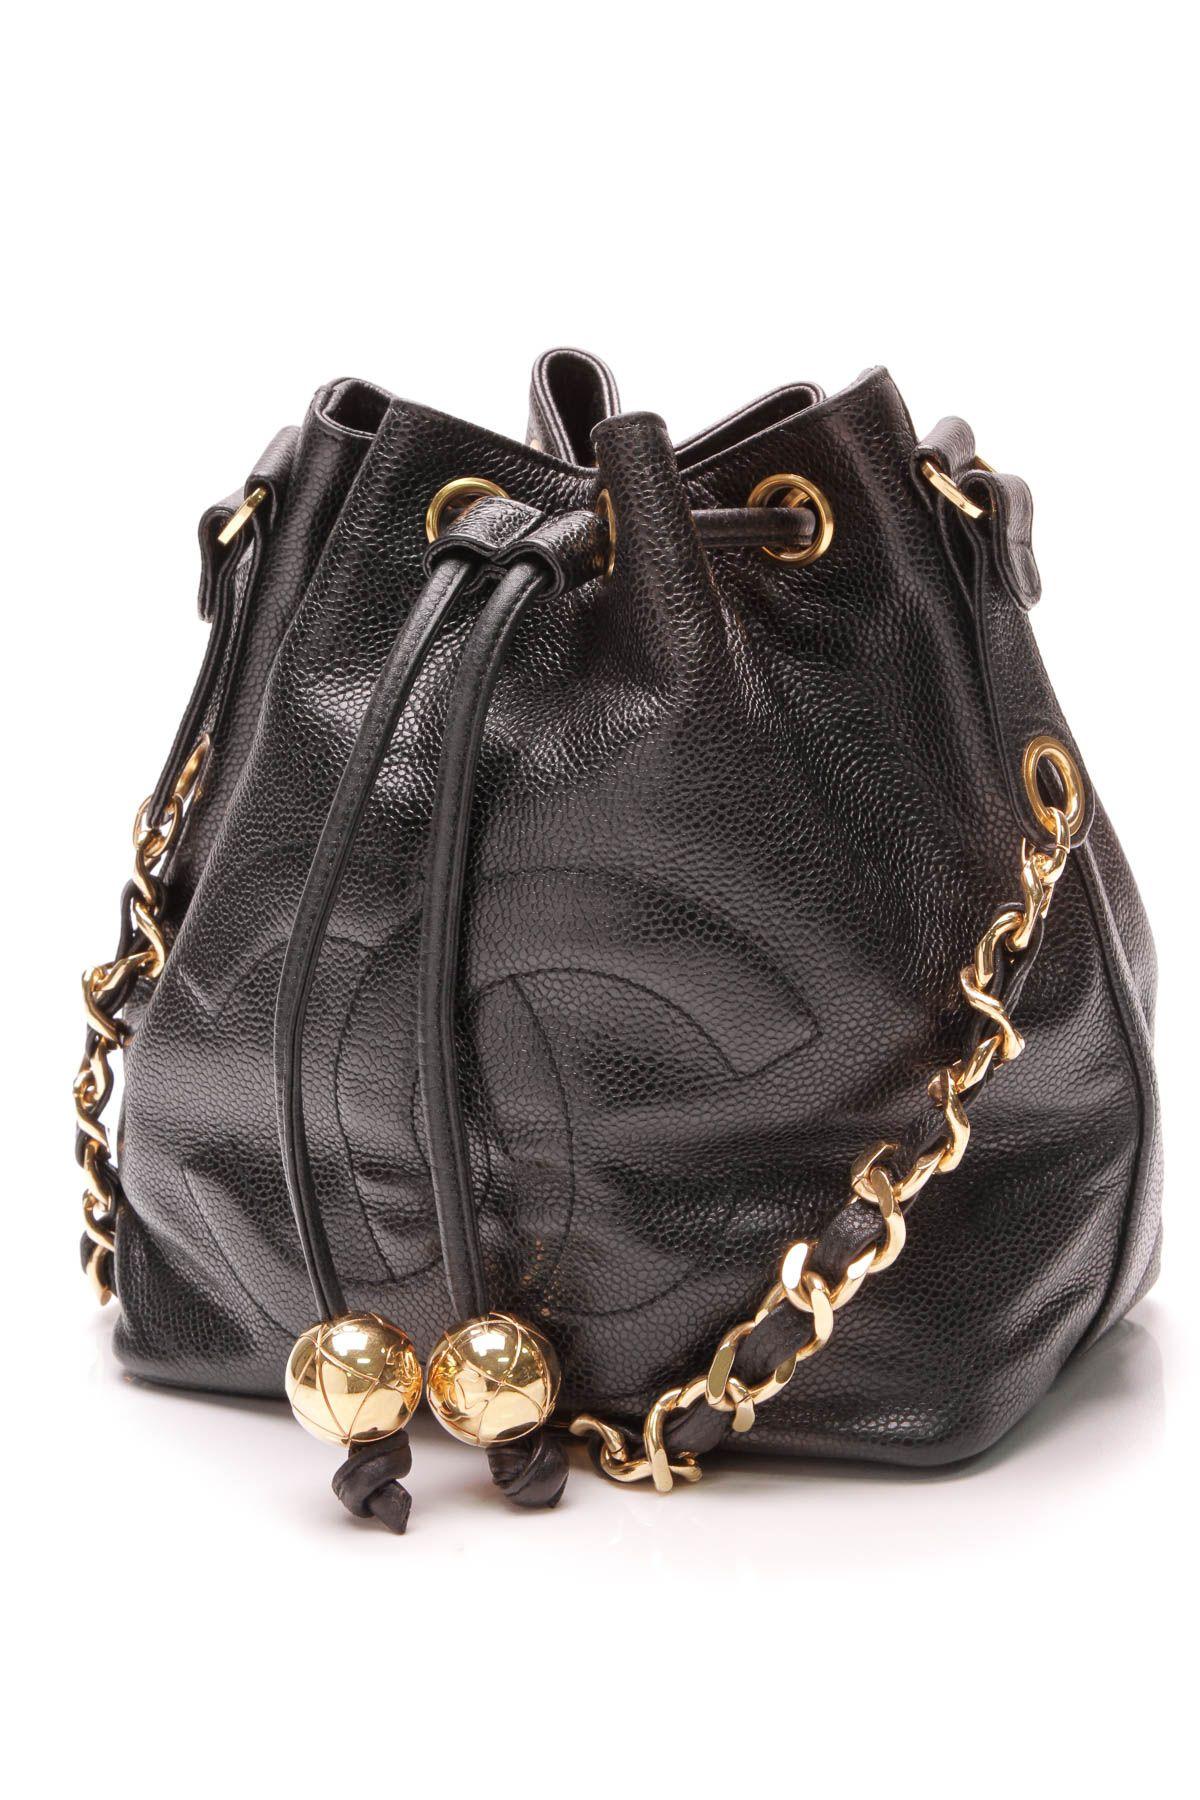 07f9132a7355 Vintage CC Drawstring Shoulder Bag- Black Caviar | Crazy for Coco ...